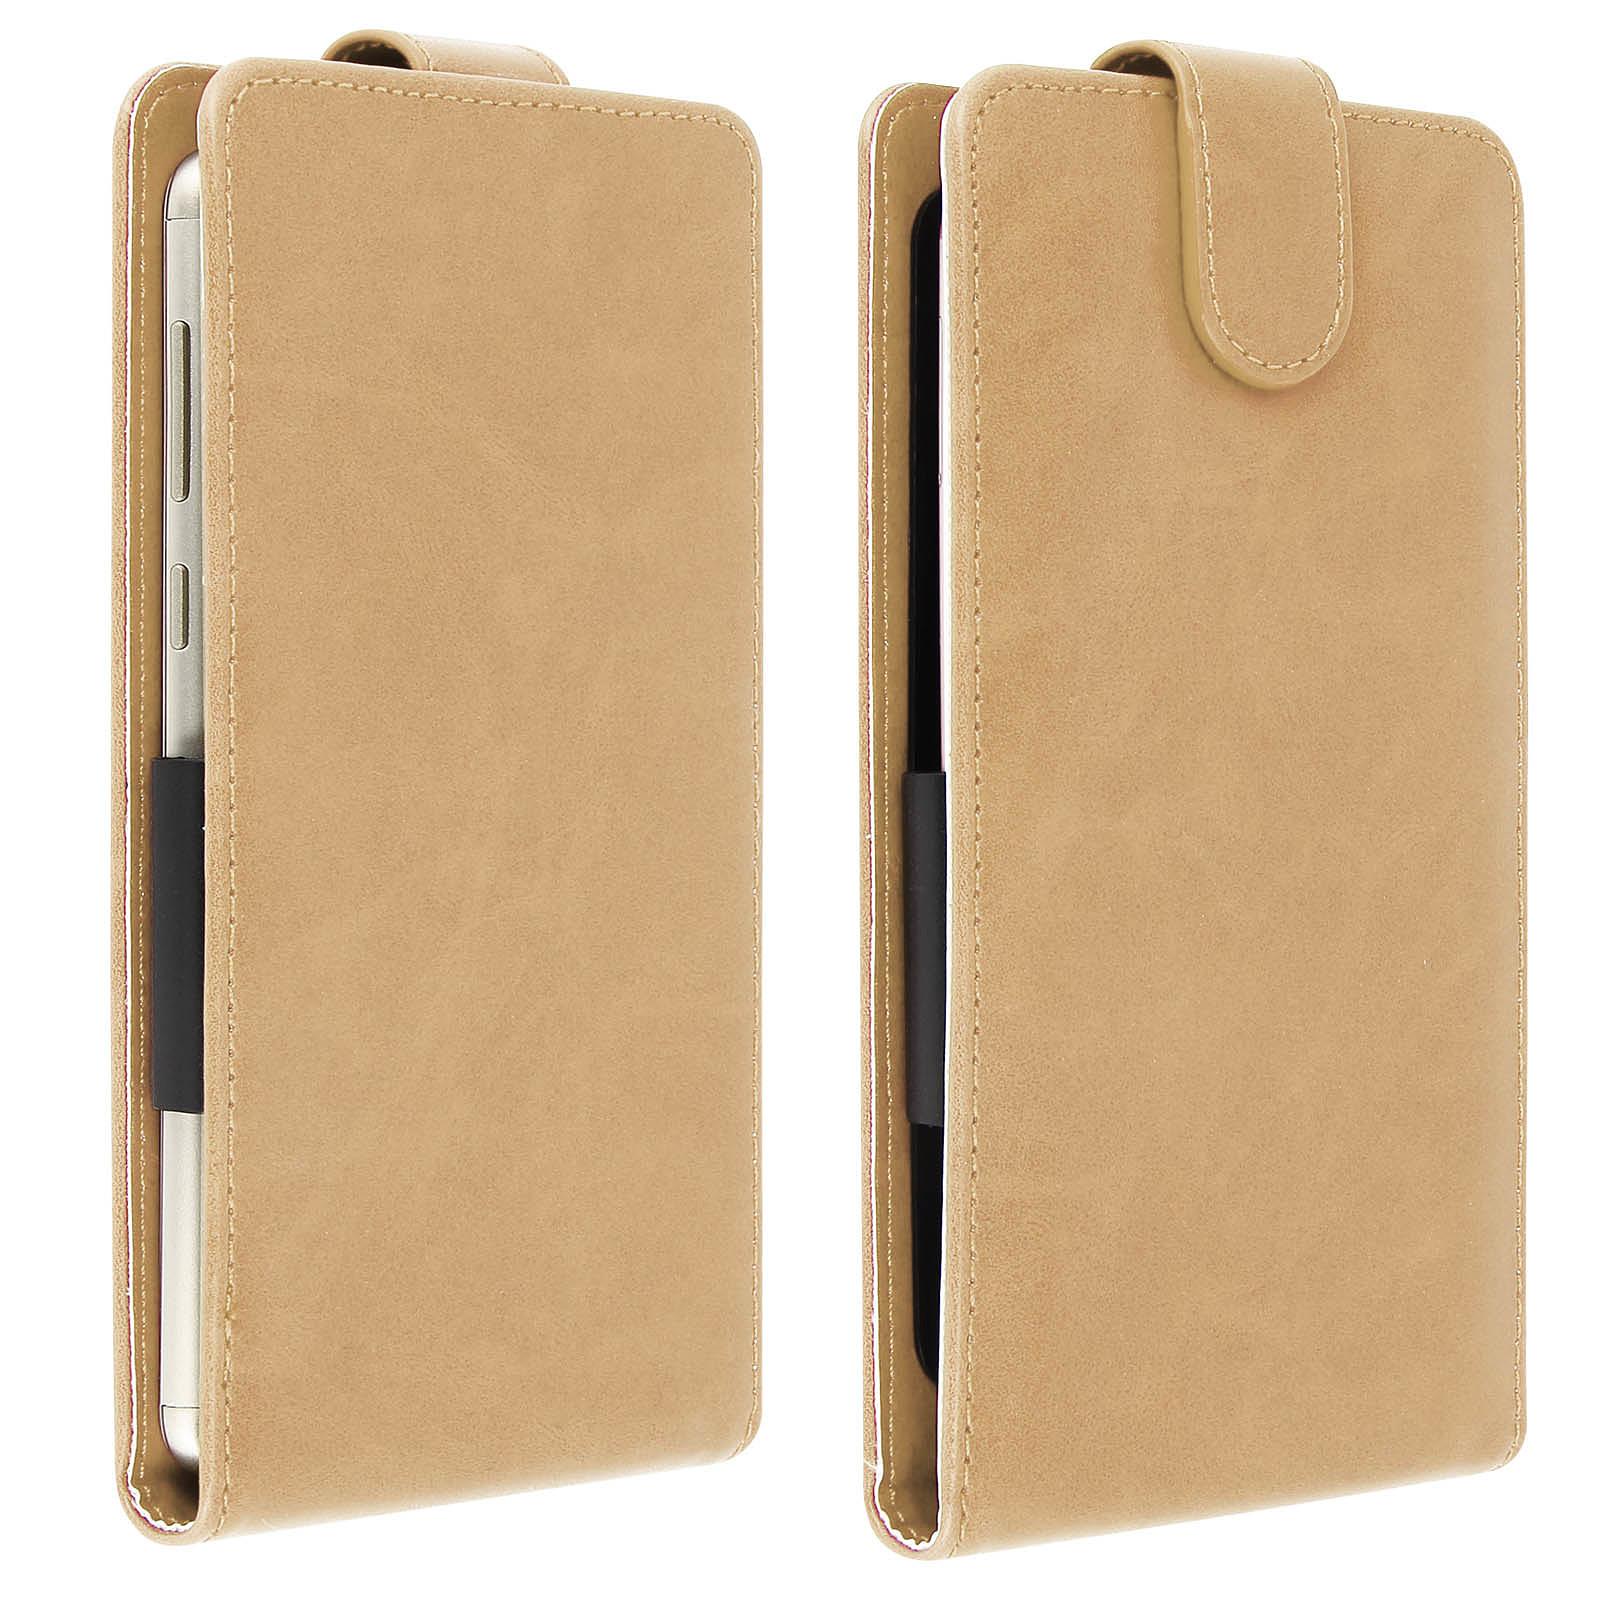 Avizar Etui à clapet Beige pour Compatibles avec Smartphones de 5,5 à 6,0 pouces